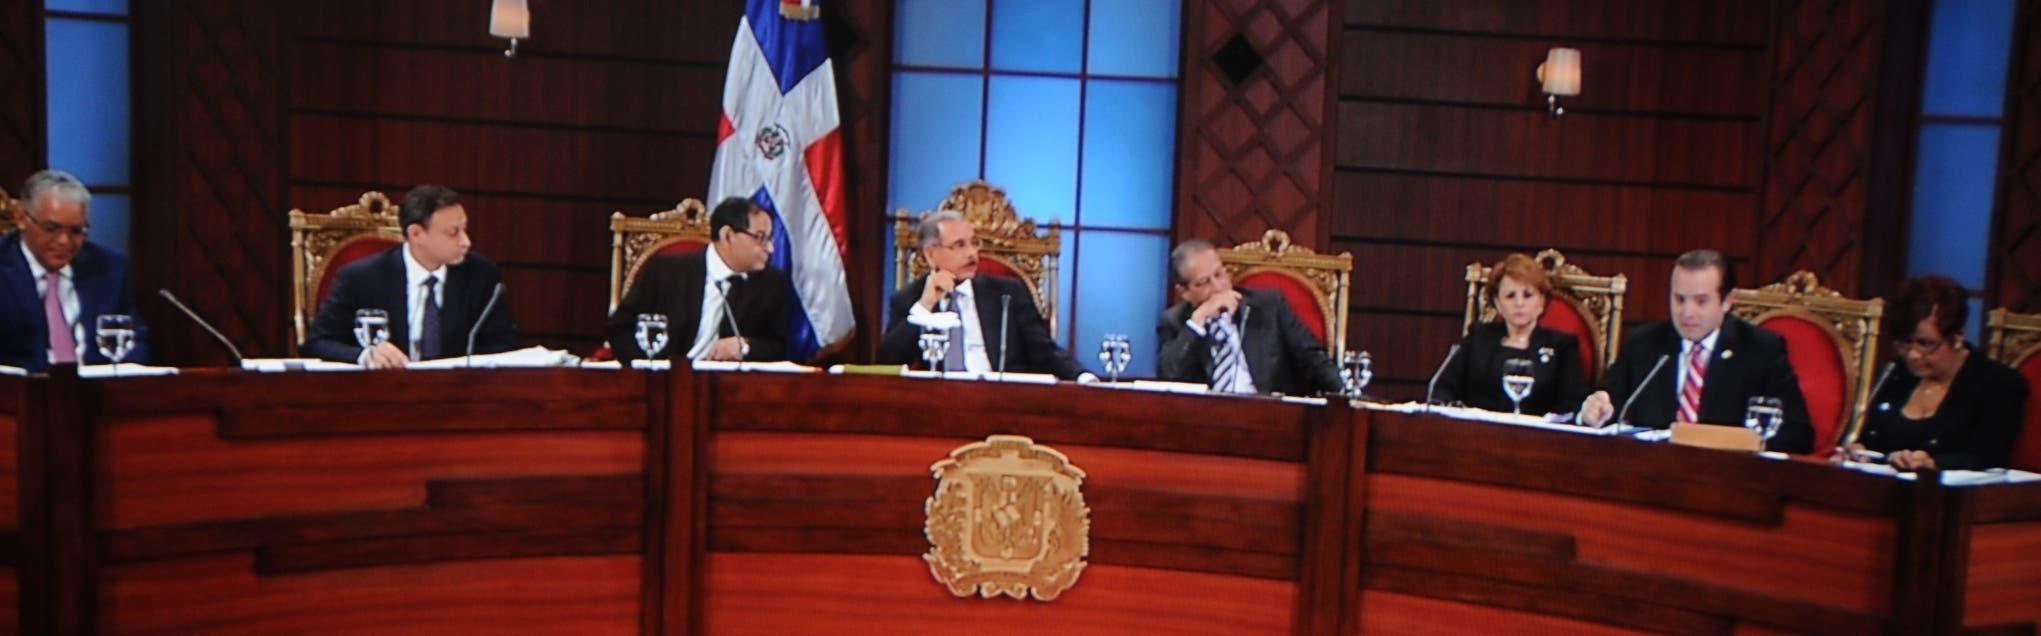 Consejo de Magistratura entra en etapa final de elección de jueces